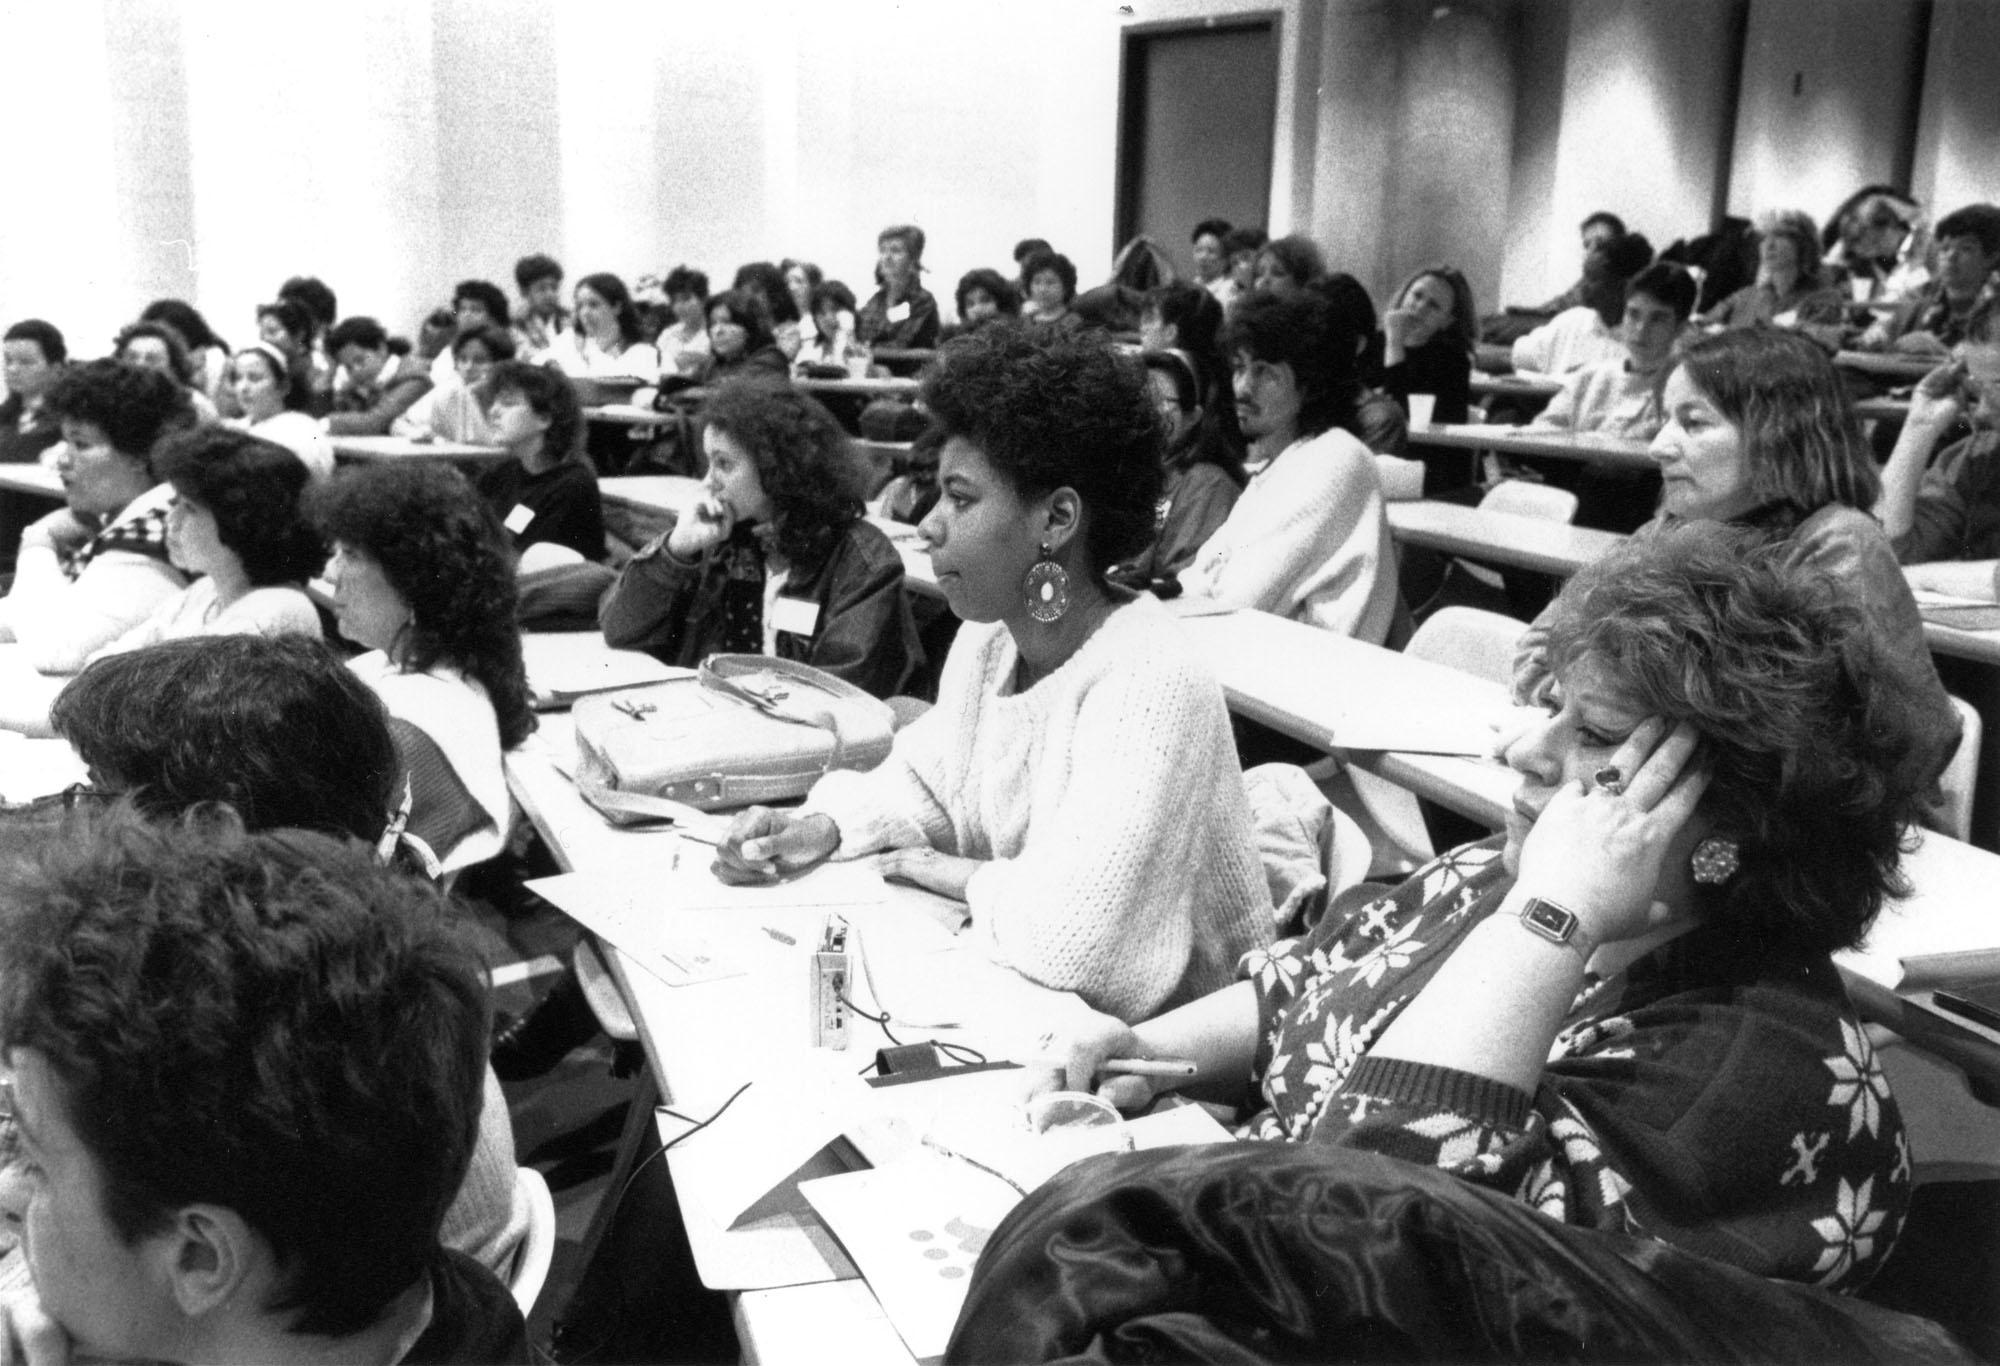 Plus de vingt femmes assises dans une salle de classe.